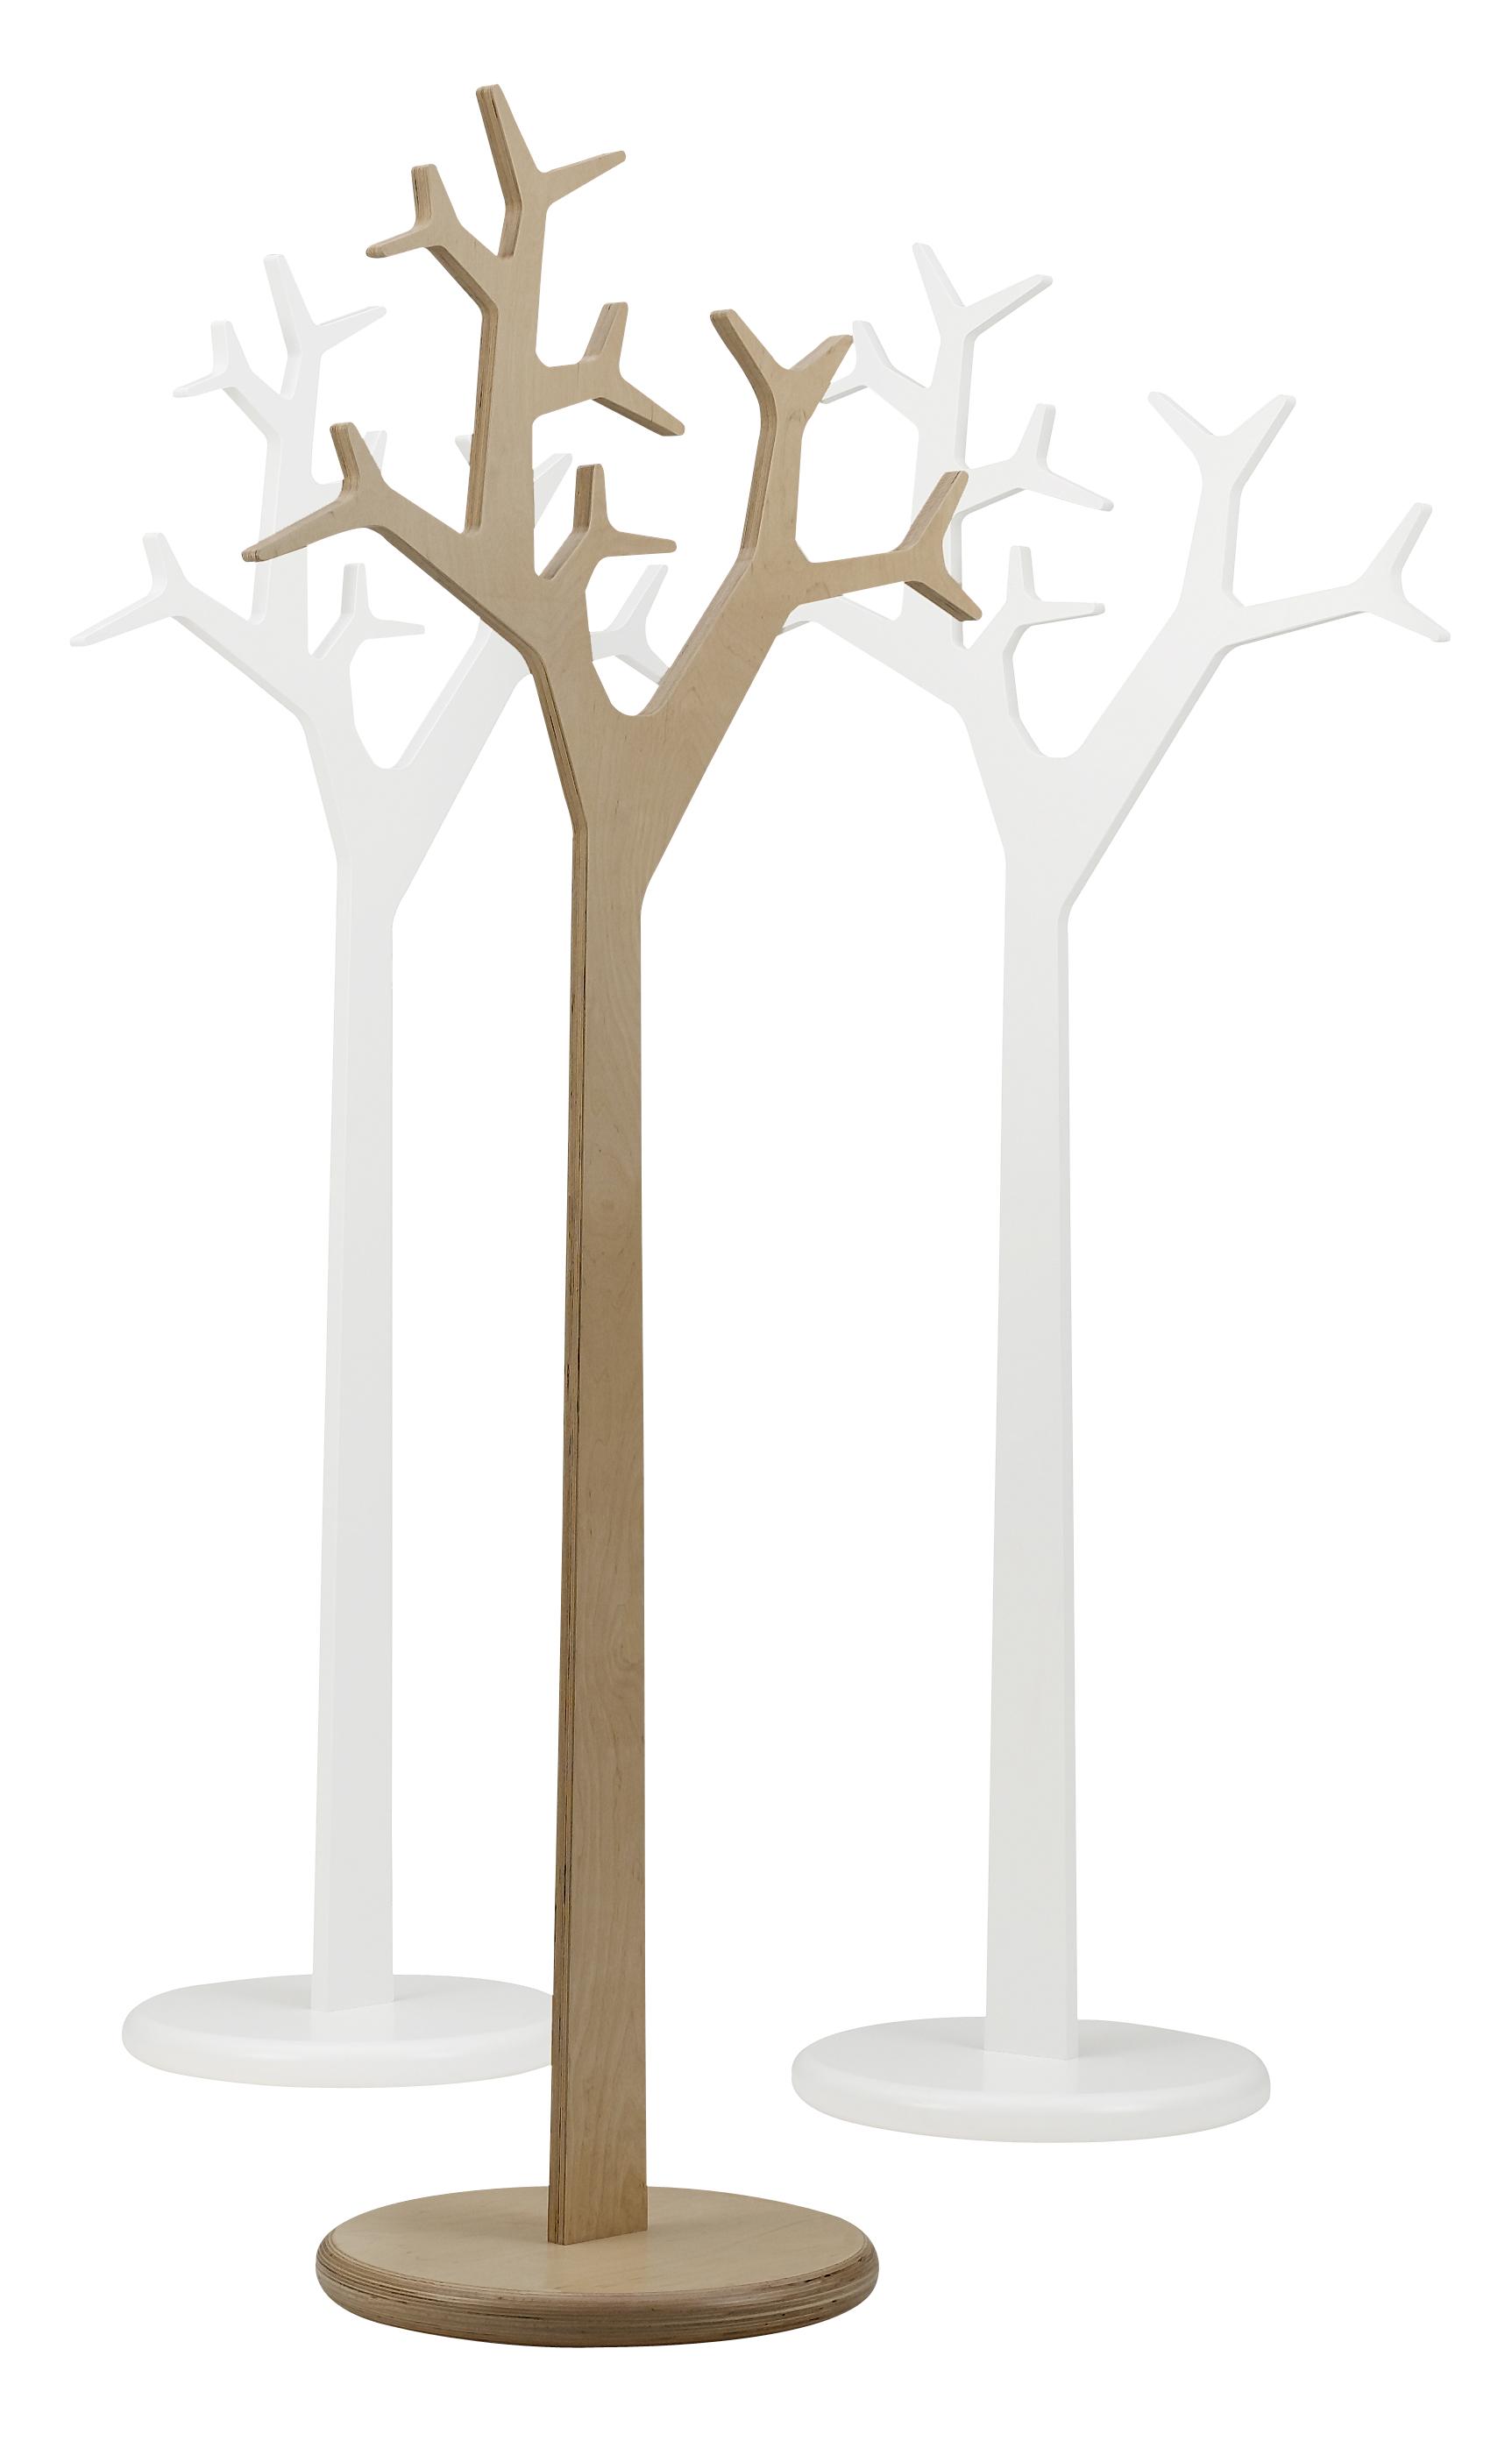 Swedese möbler u2013 TREE coat stand design M Young et K O Petursdottir